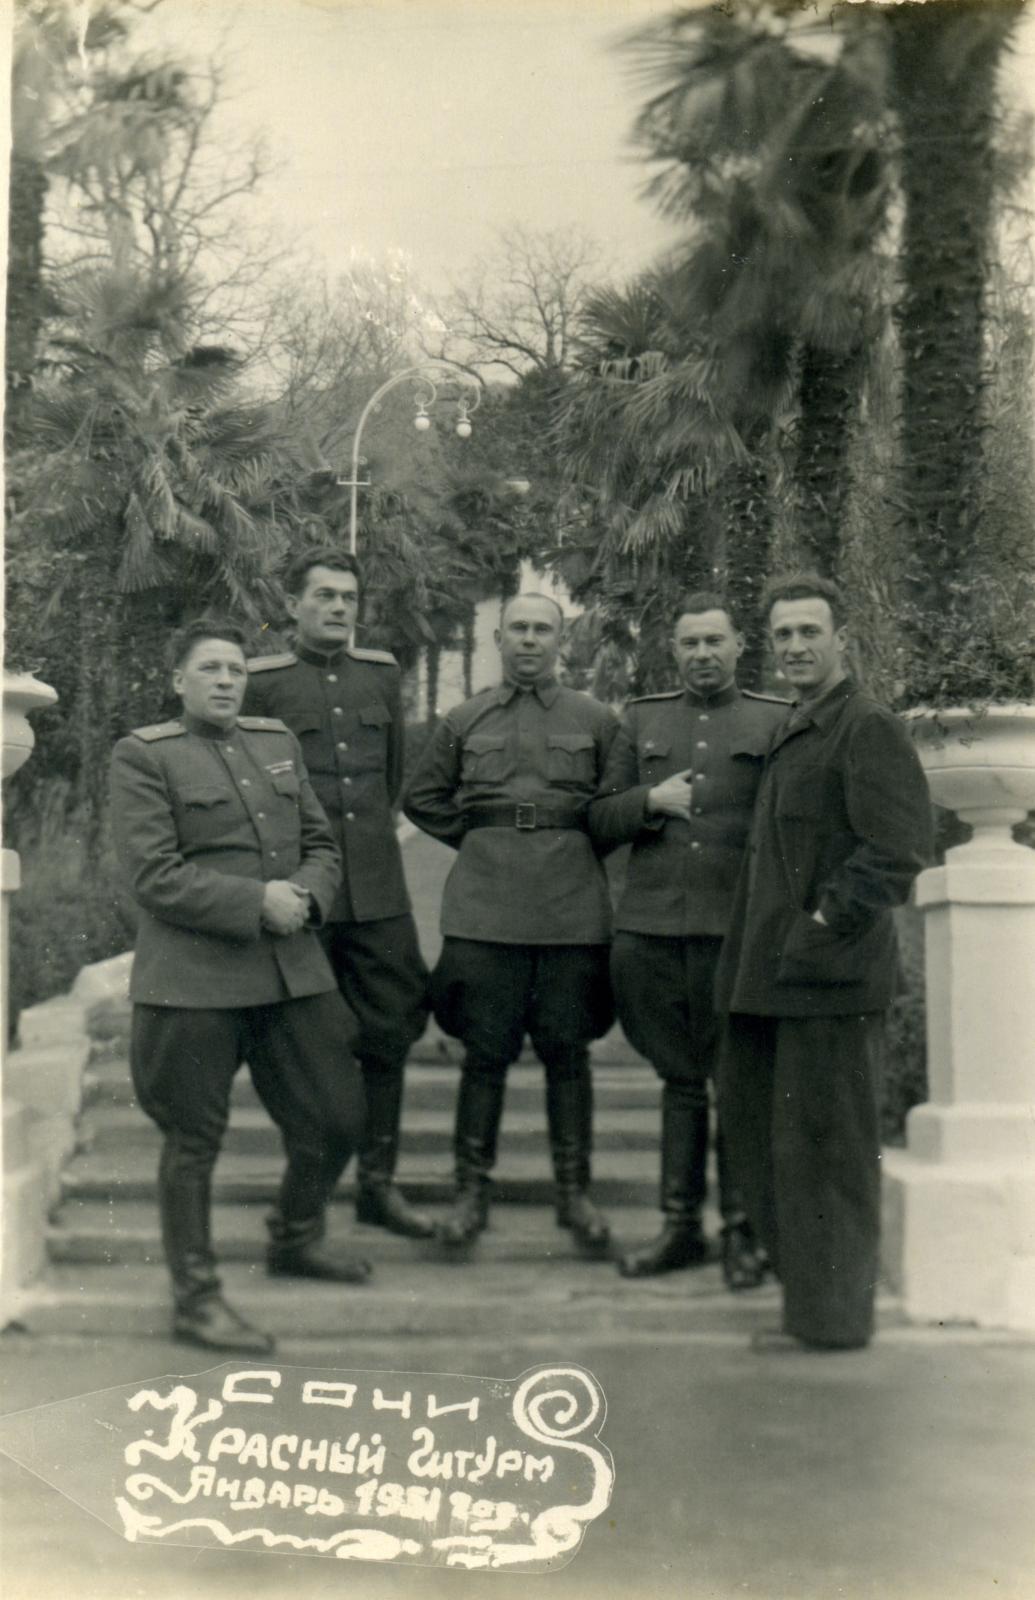 1951. Тов. Змушко (2-й справа) с коллегами по ведомству. г. Сочи, ведомственный санаторий МГБ «Красный штурм». Январь